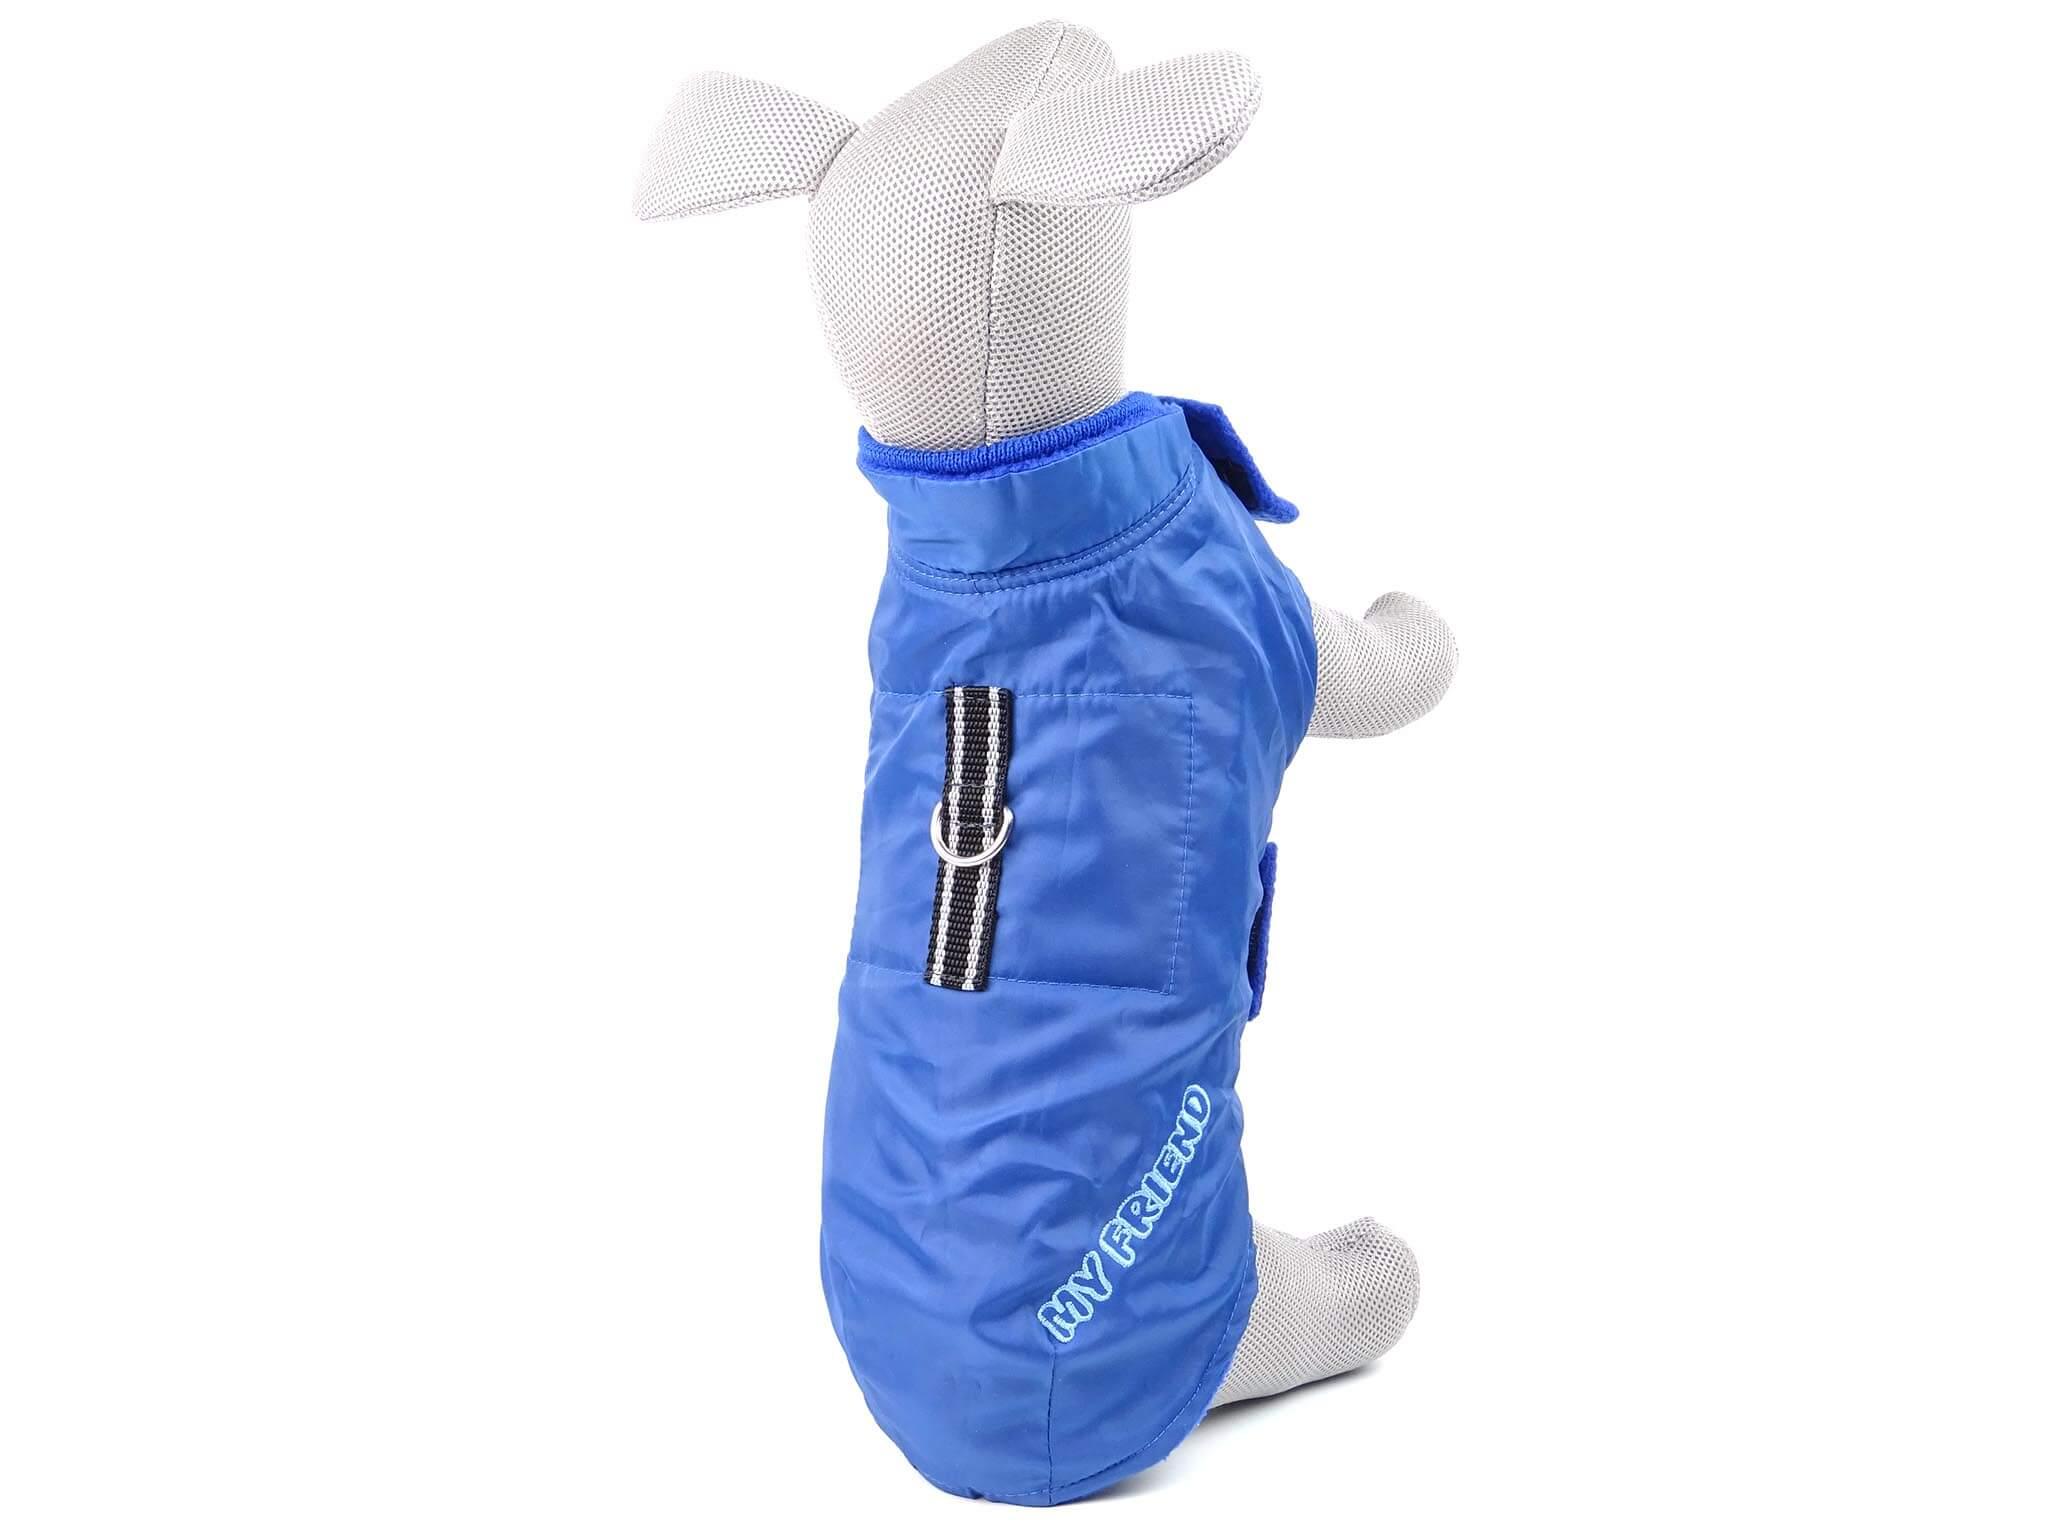 """Vsepropejska Snowy zimní bunda """"My friend"""" pro psa Barva: Modrá, Délka zad psa: 28 cm, Obvod hrudníku: 30 - 52 cm"""